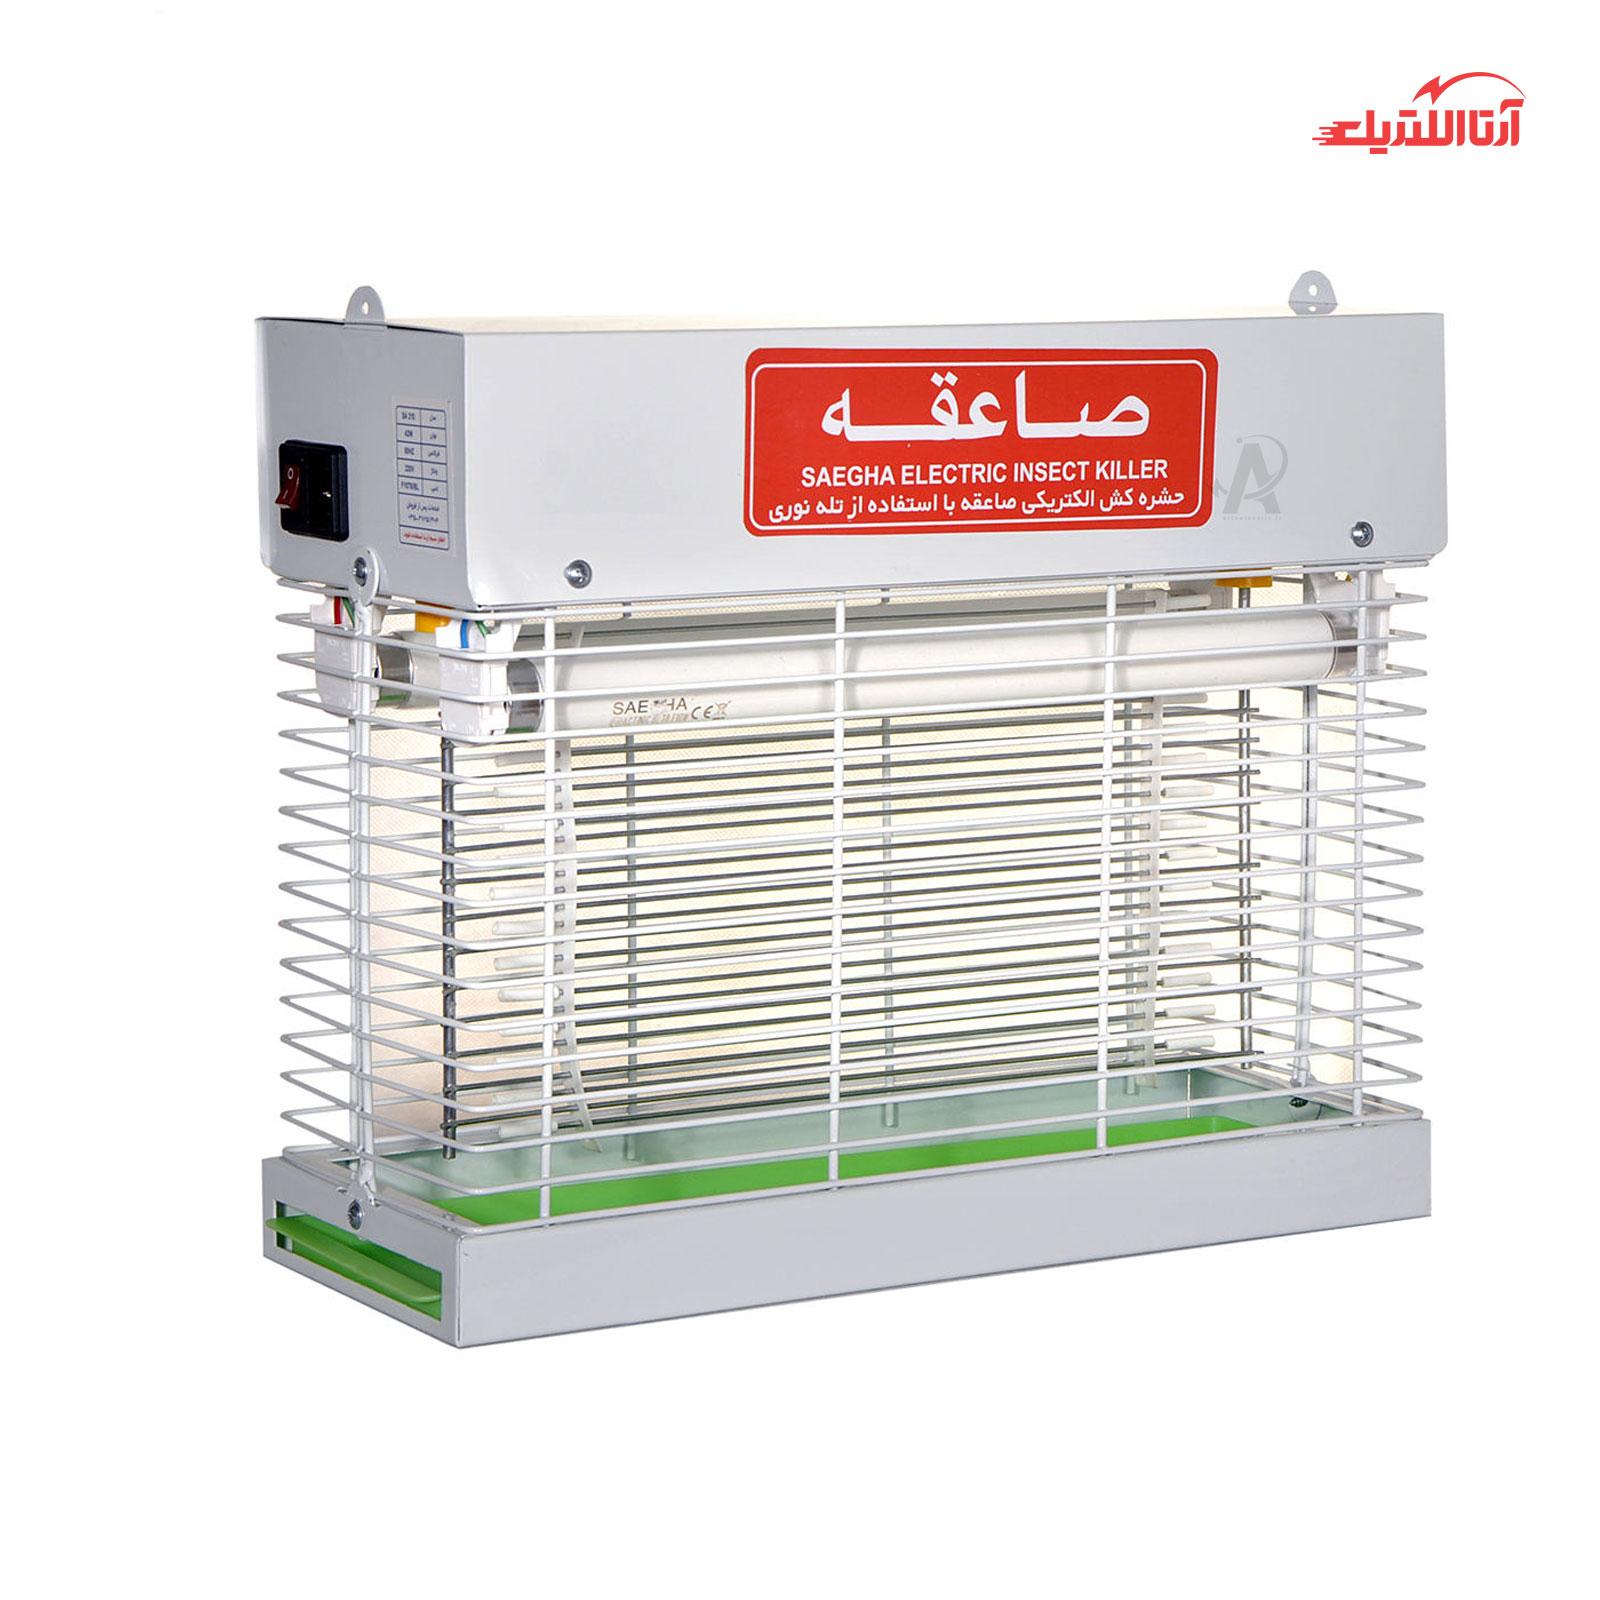 حشره کش برقی صاعقه مدل SA210